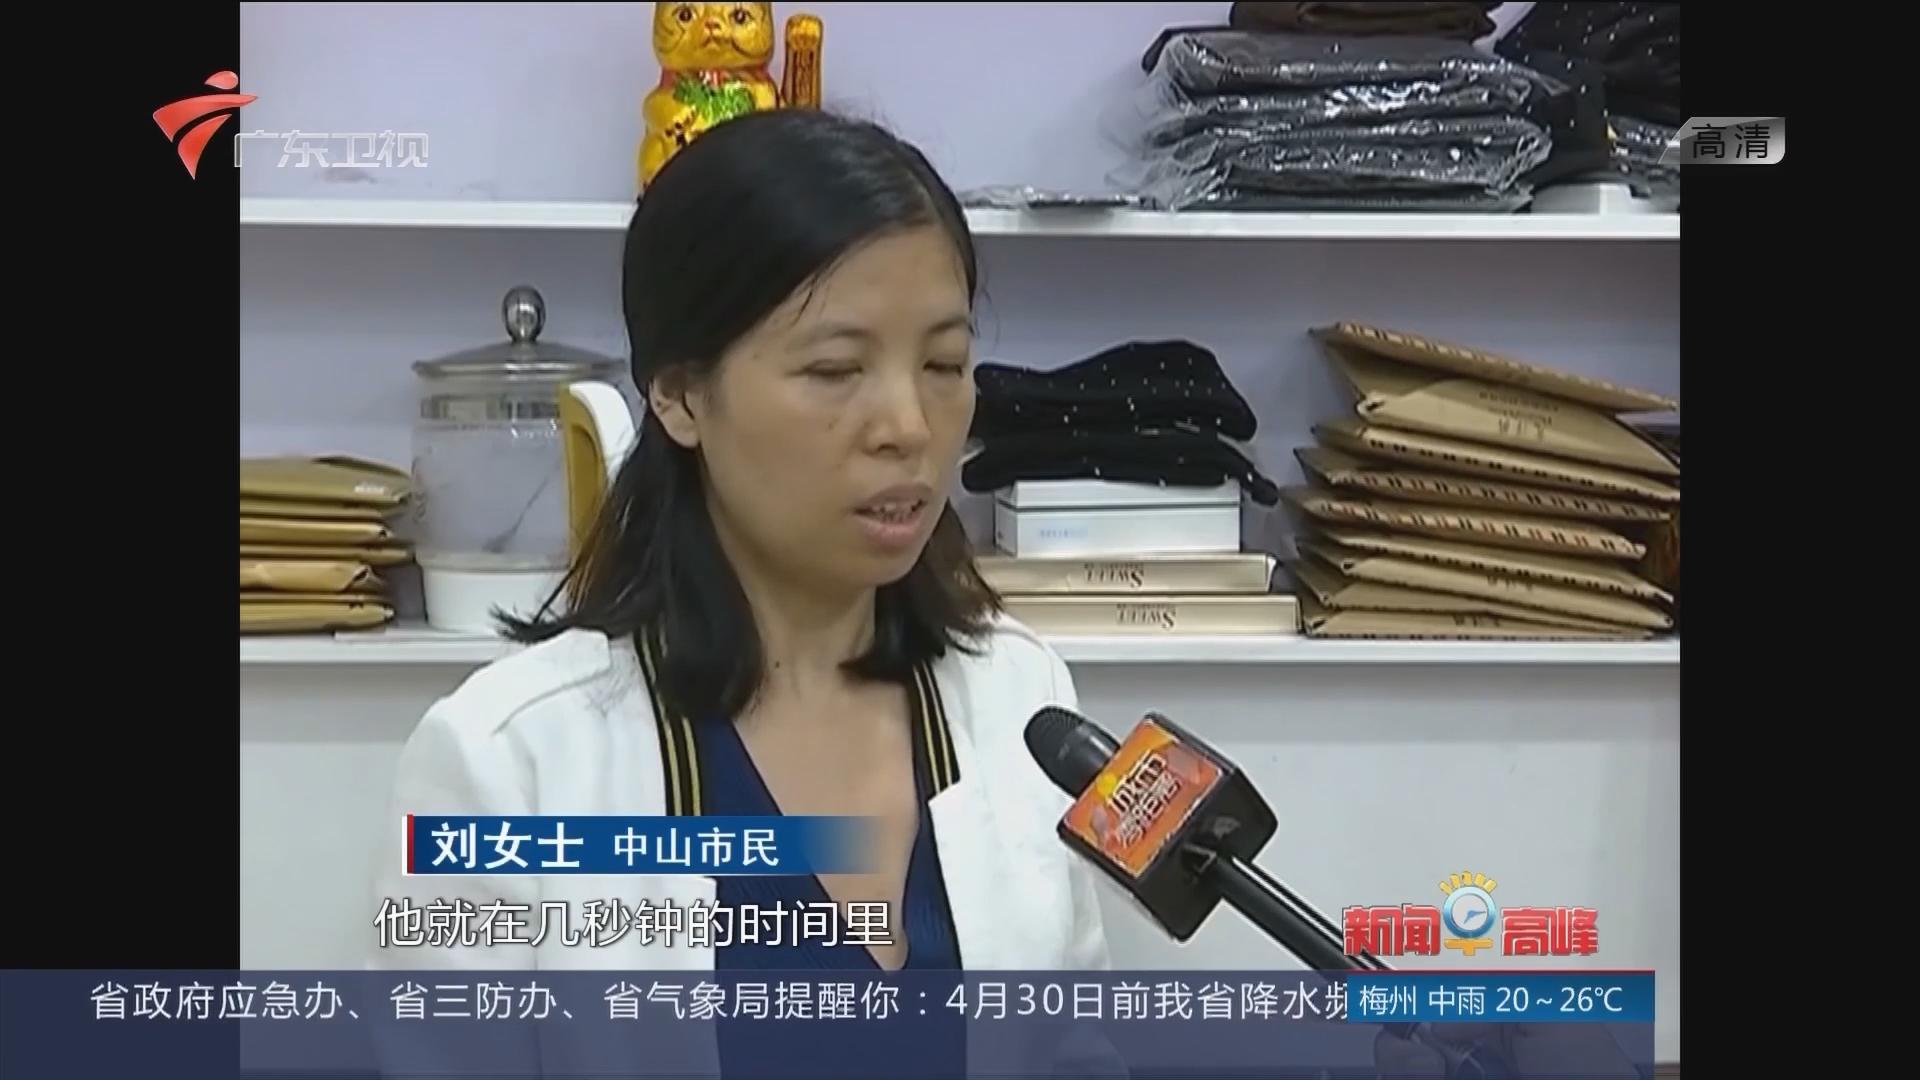 广东 中山:狡猾骗子 调虎离山撬柜偷钱